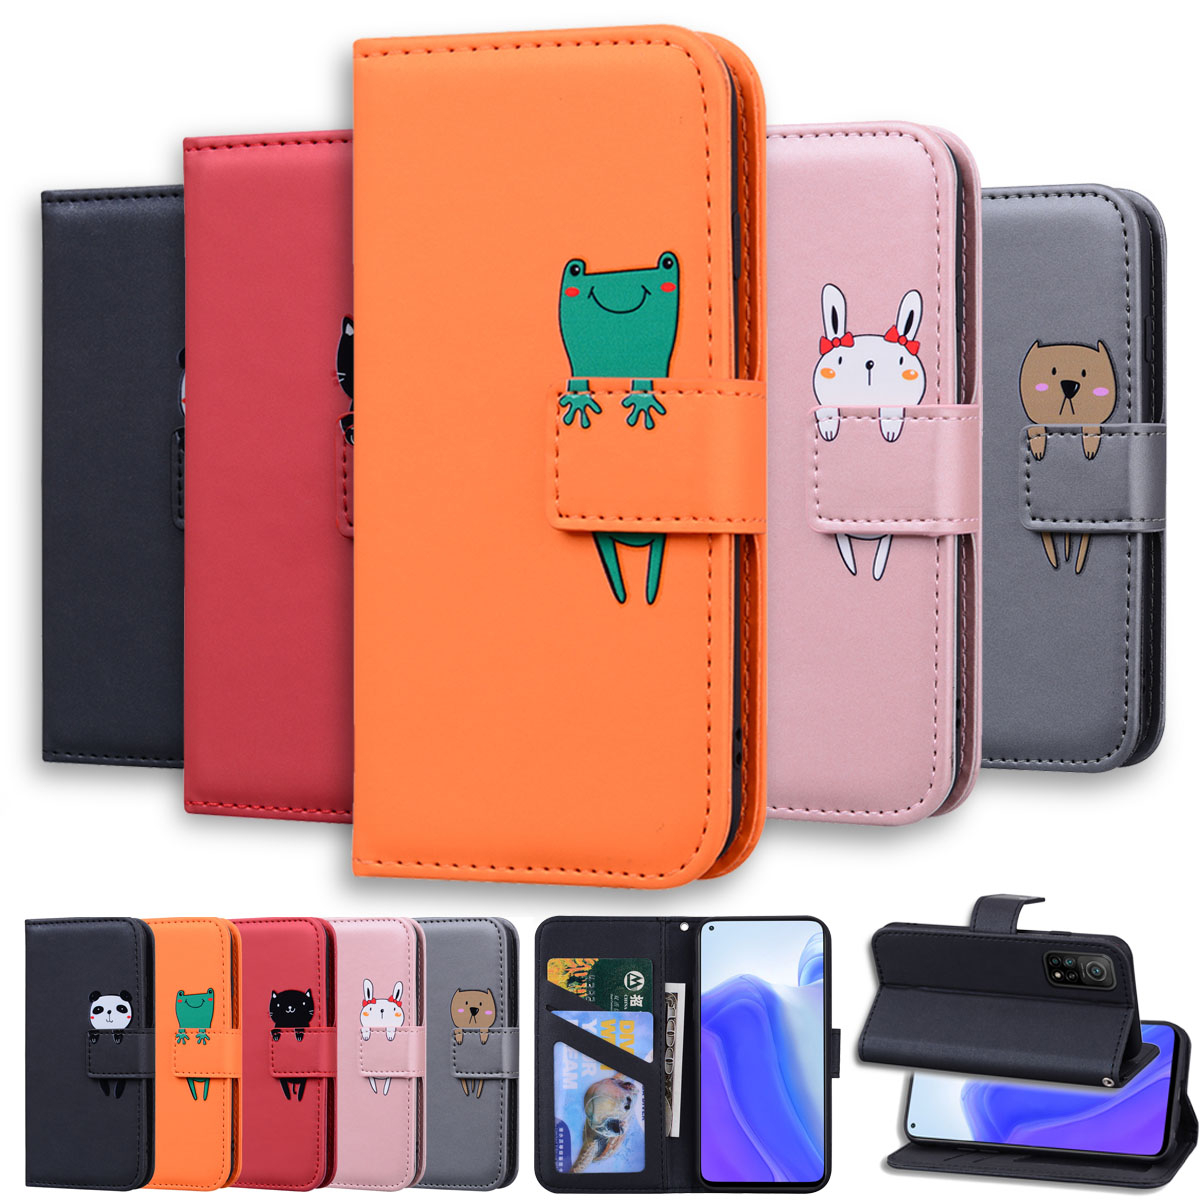 Lovely Animal Flip Leather Phone Case For Xiaomi POCO X3 NFC Redmi Note 9 9S 9A 9C 7 8 8T 7A 8A Mi 10 9T Pro Card Holder Cover